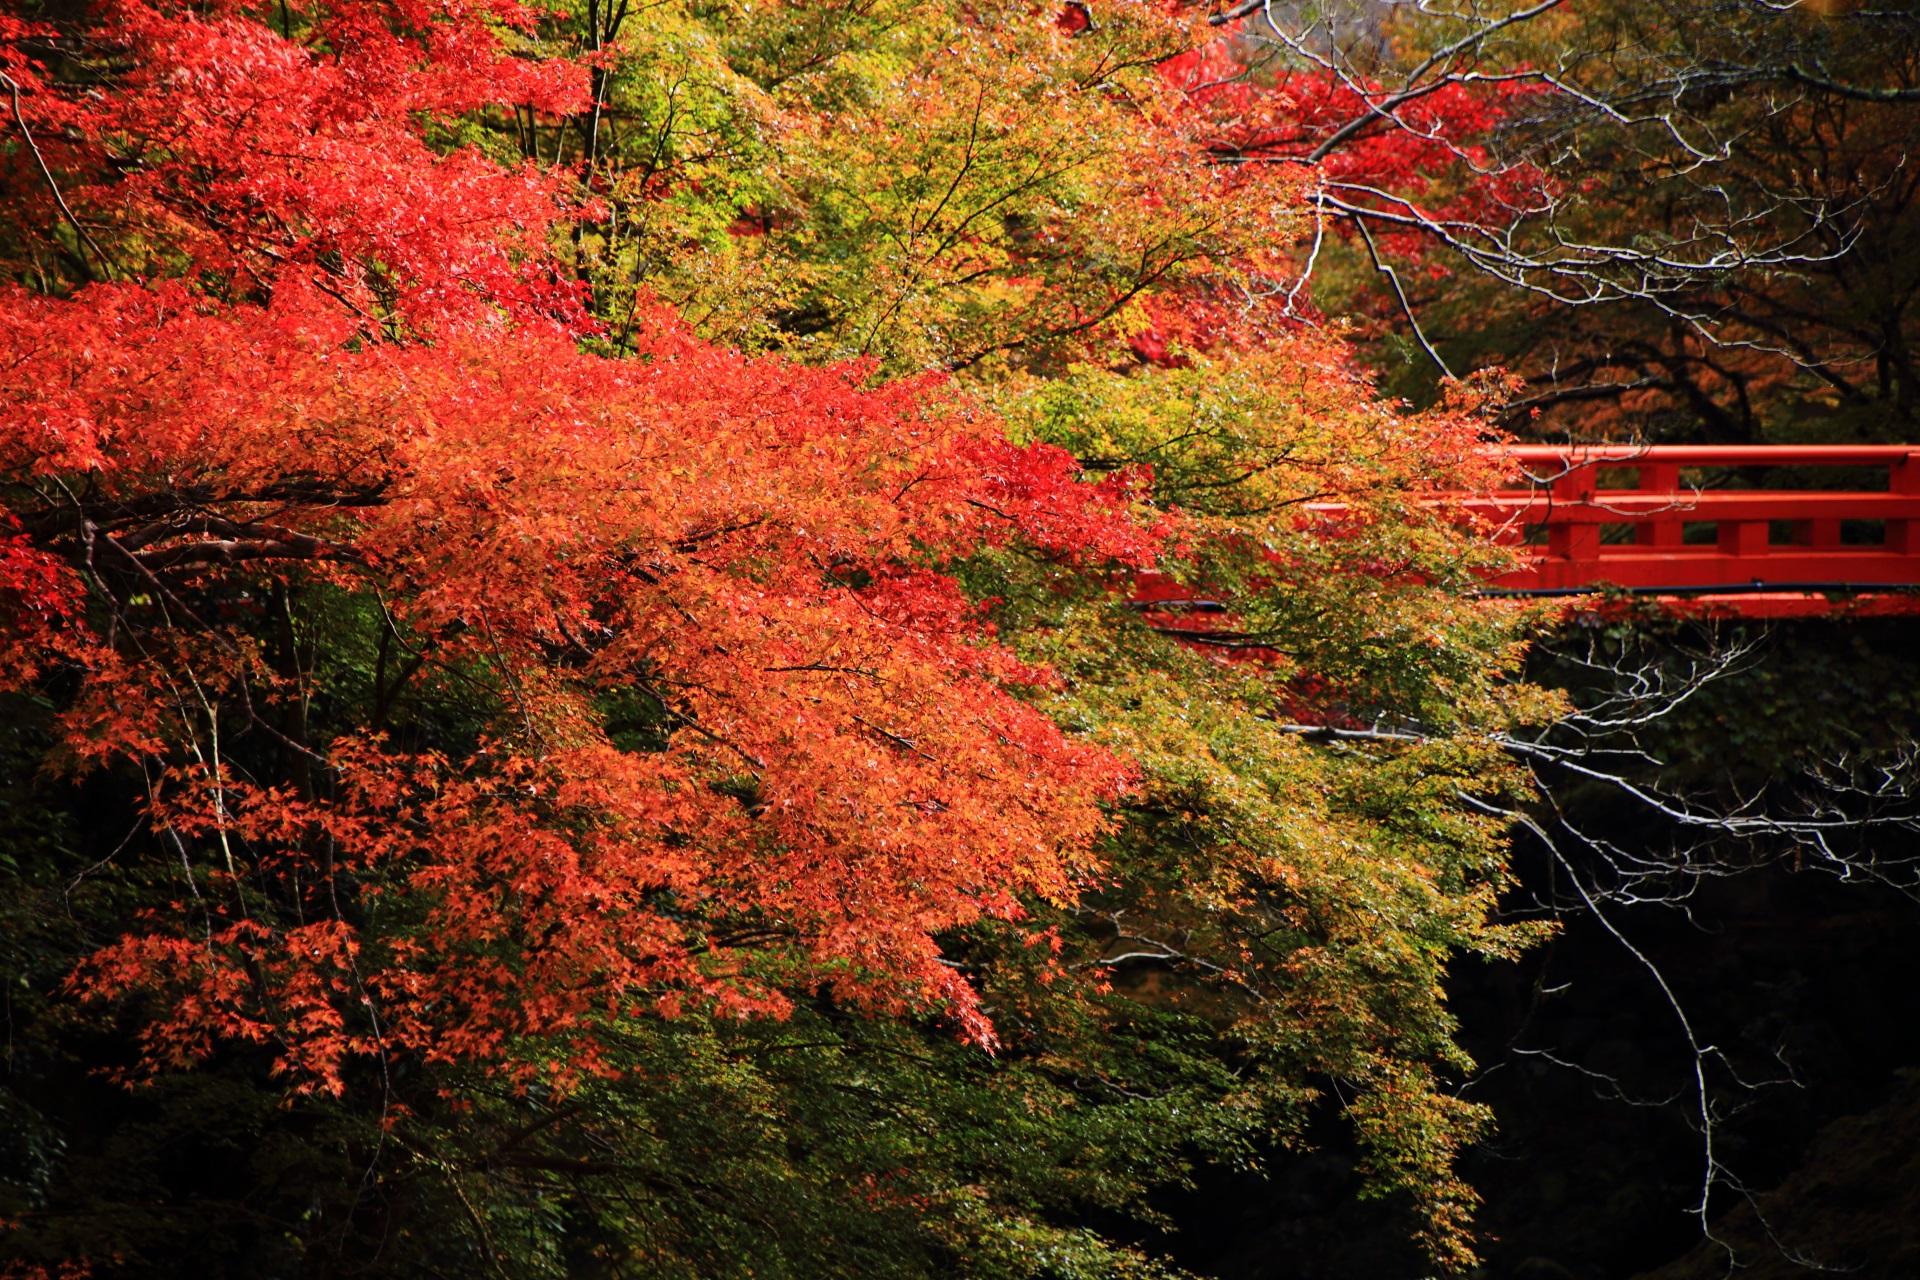 清滝川にかかる指月橋と鮮やかな紅葉